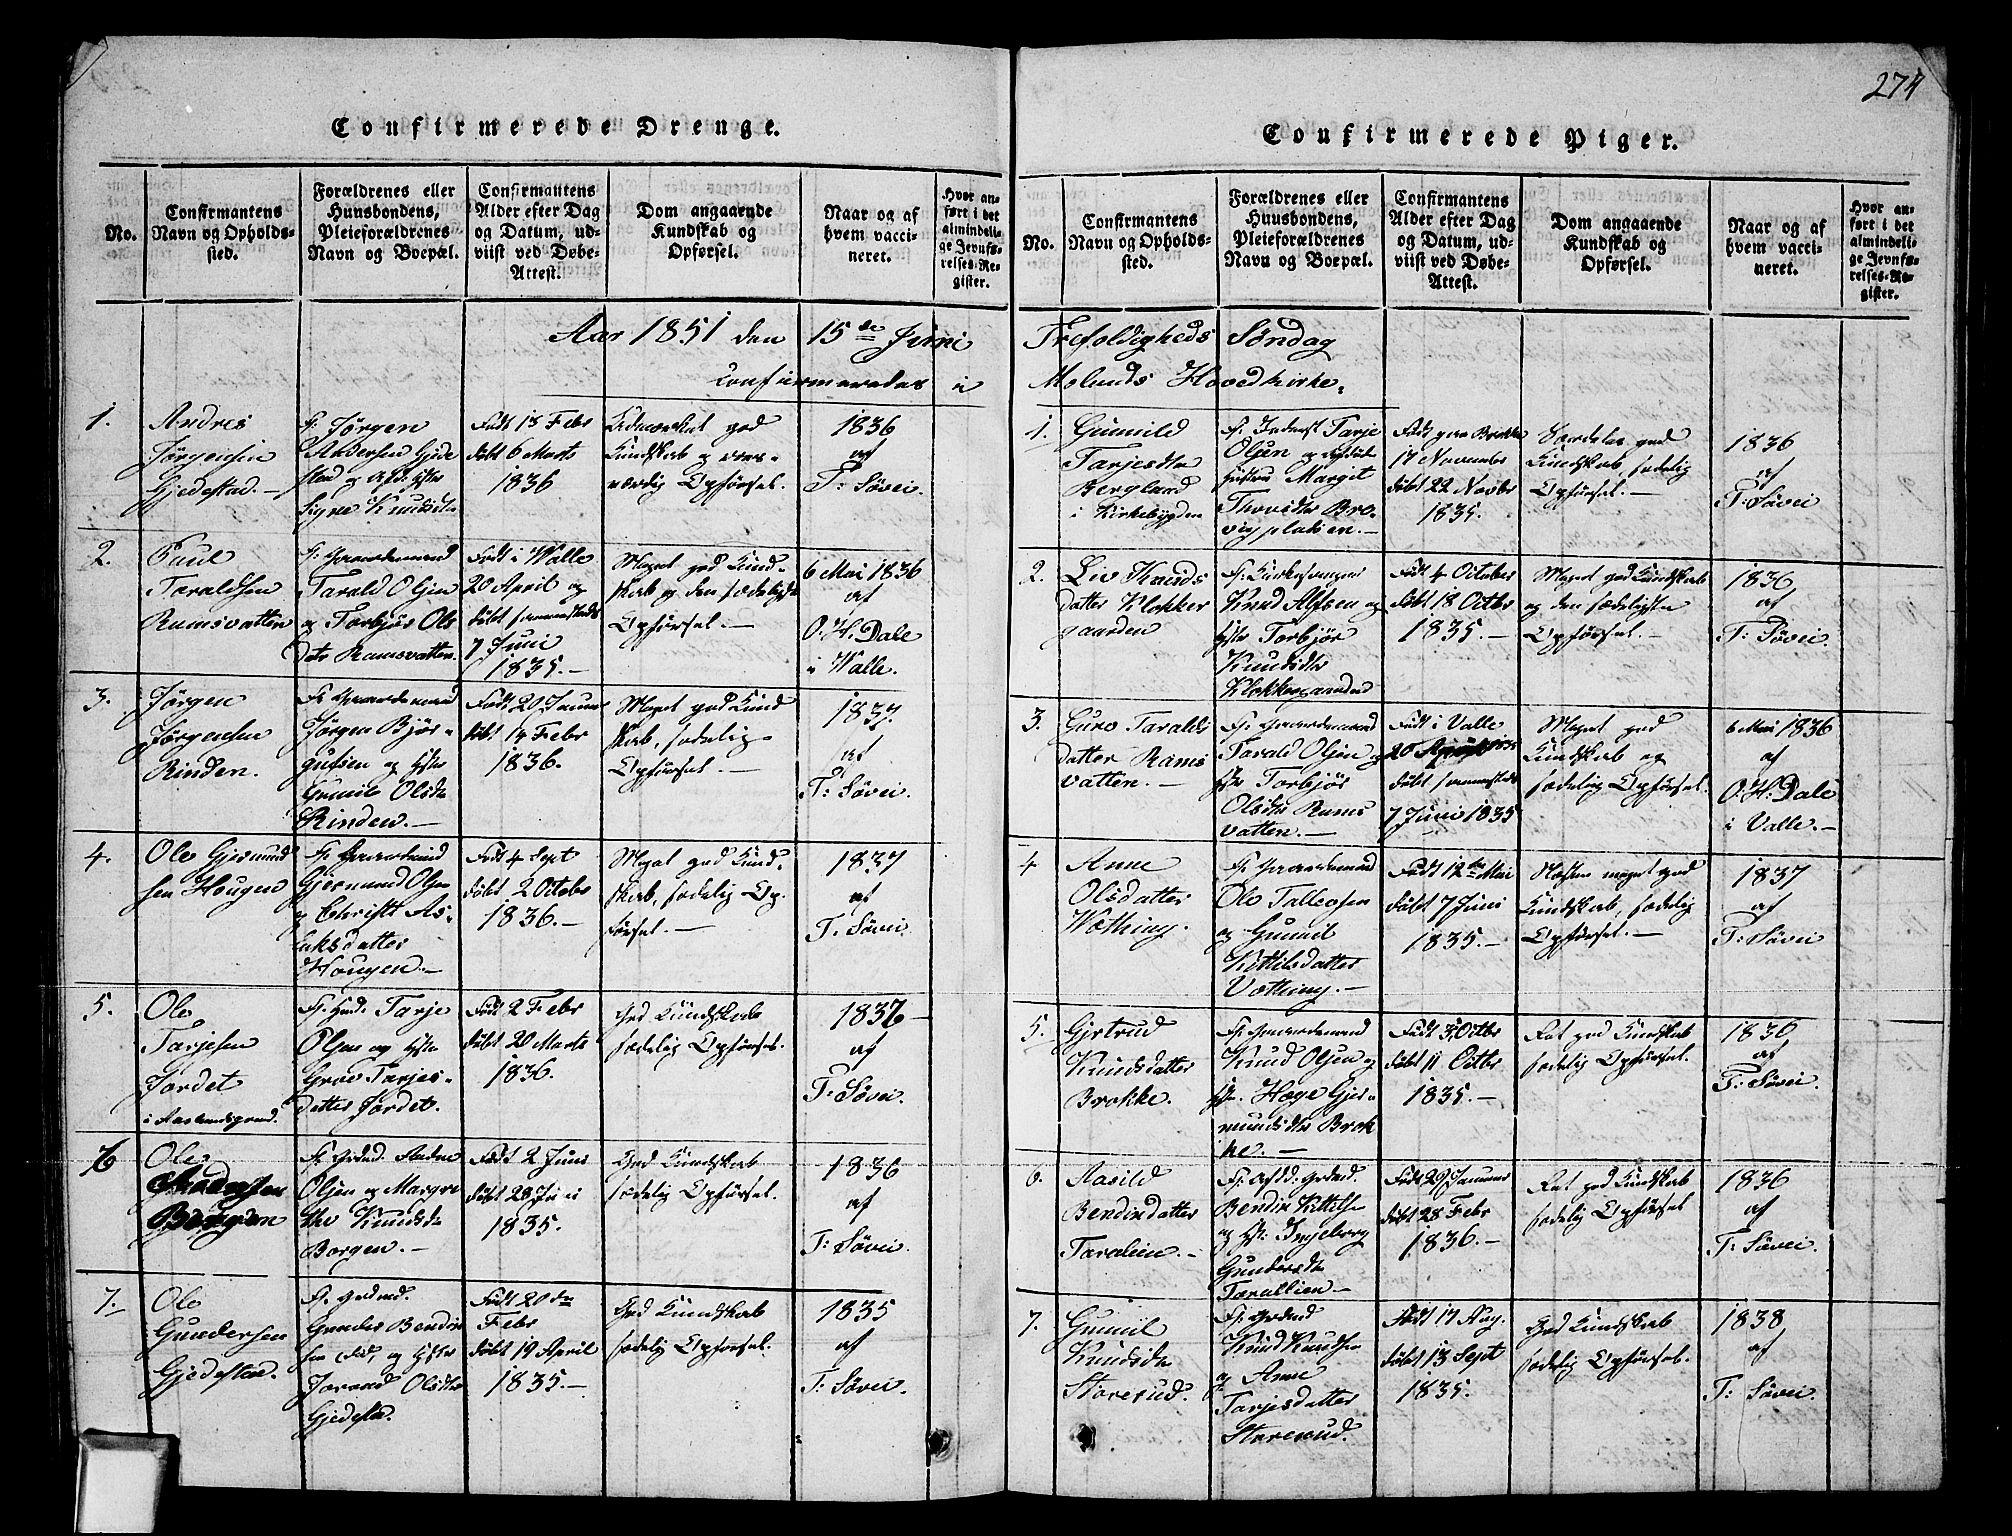 SAKO, Fyresdal kirkebøker, G/Ga/L0002: Klokkerbok nr. I 2, 1815-1857, s. 274